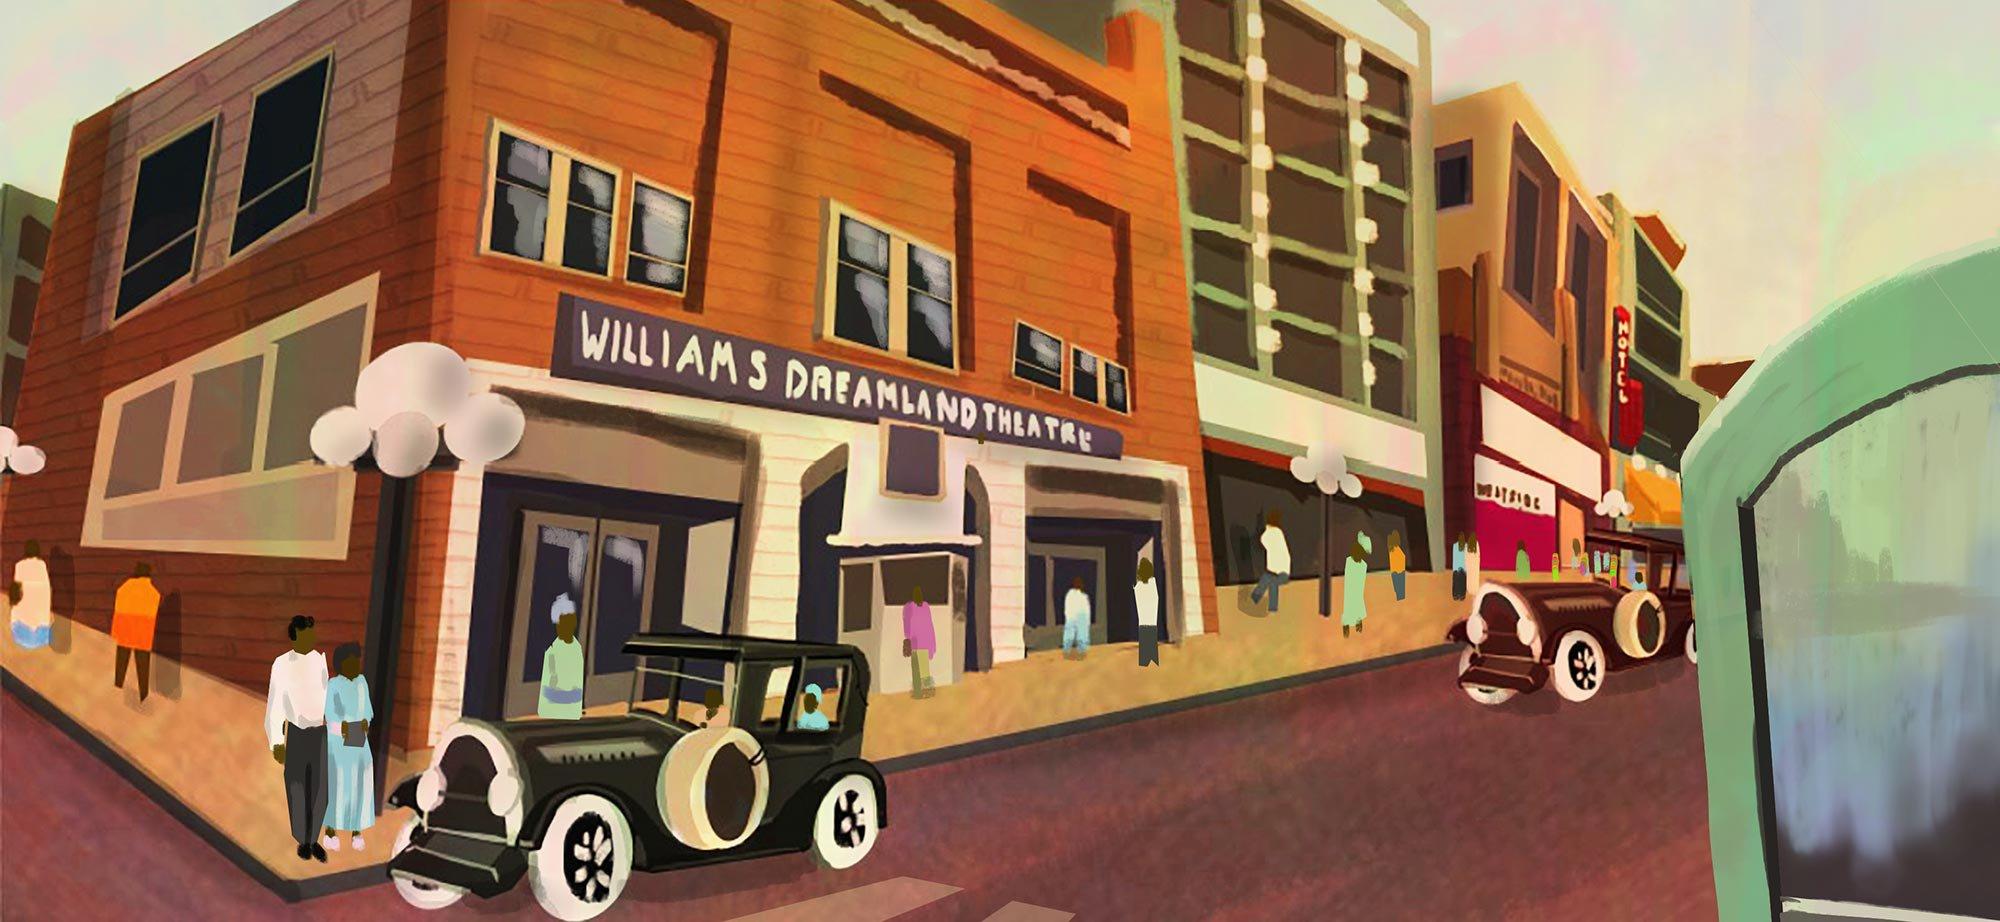 T-town-black-wall-street-Greenwood-illustration.jpg